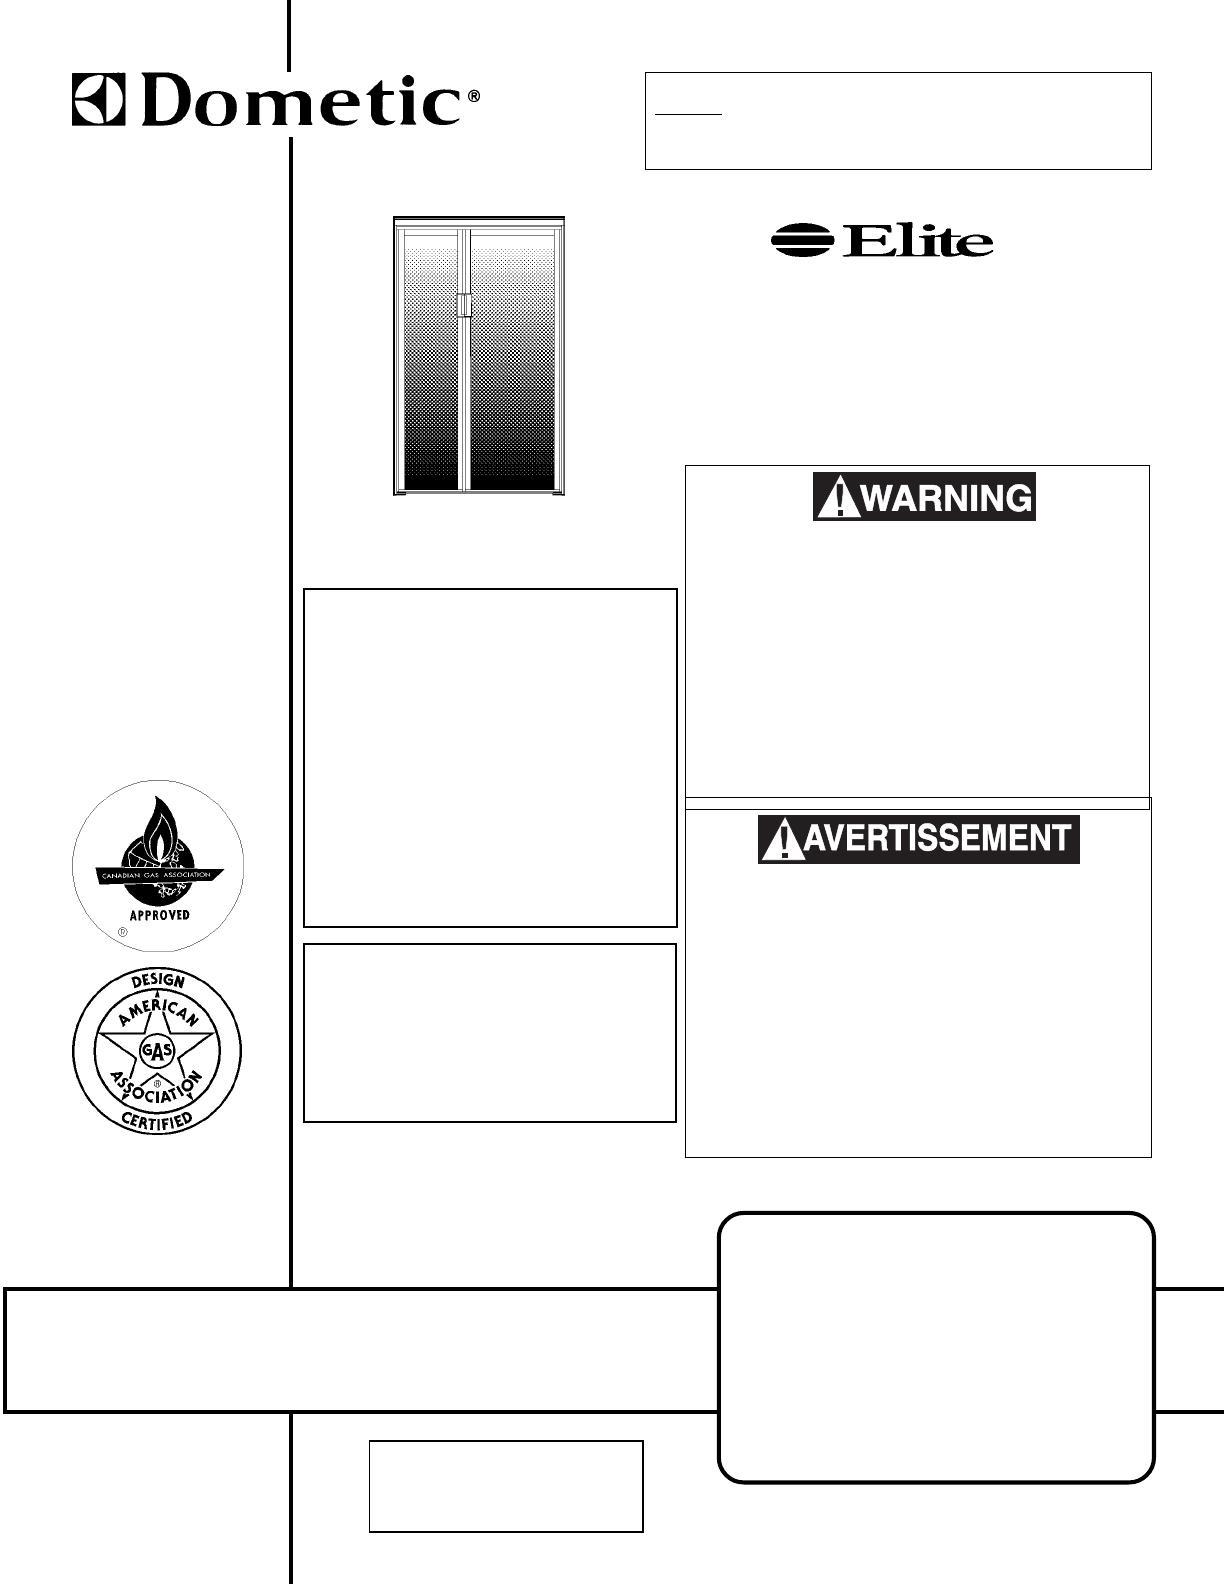 486e2bfb 30ed 4503 a9e0 bb4fc892331c bg1 dometic refrigerator elite rm7732 user guide manualsonline com  at bakdesigns.co